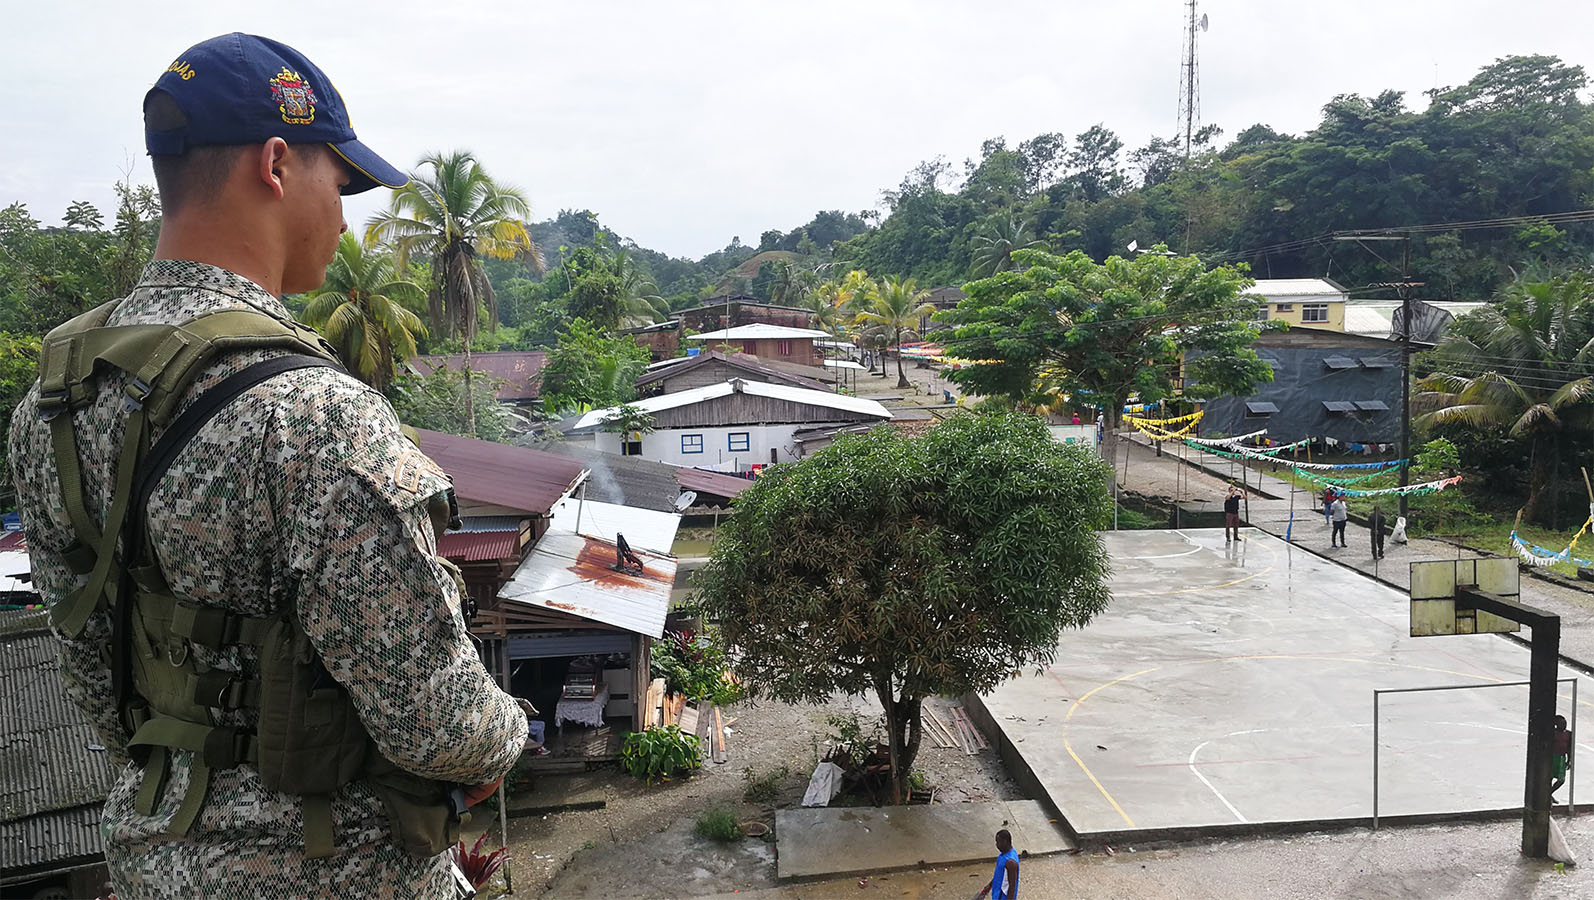 reportajes/cauca/el-naya-violencia-en-valle-y-cauca